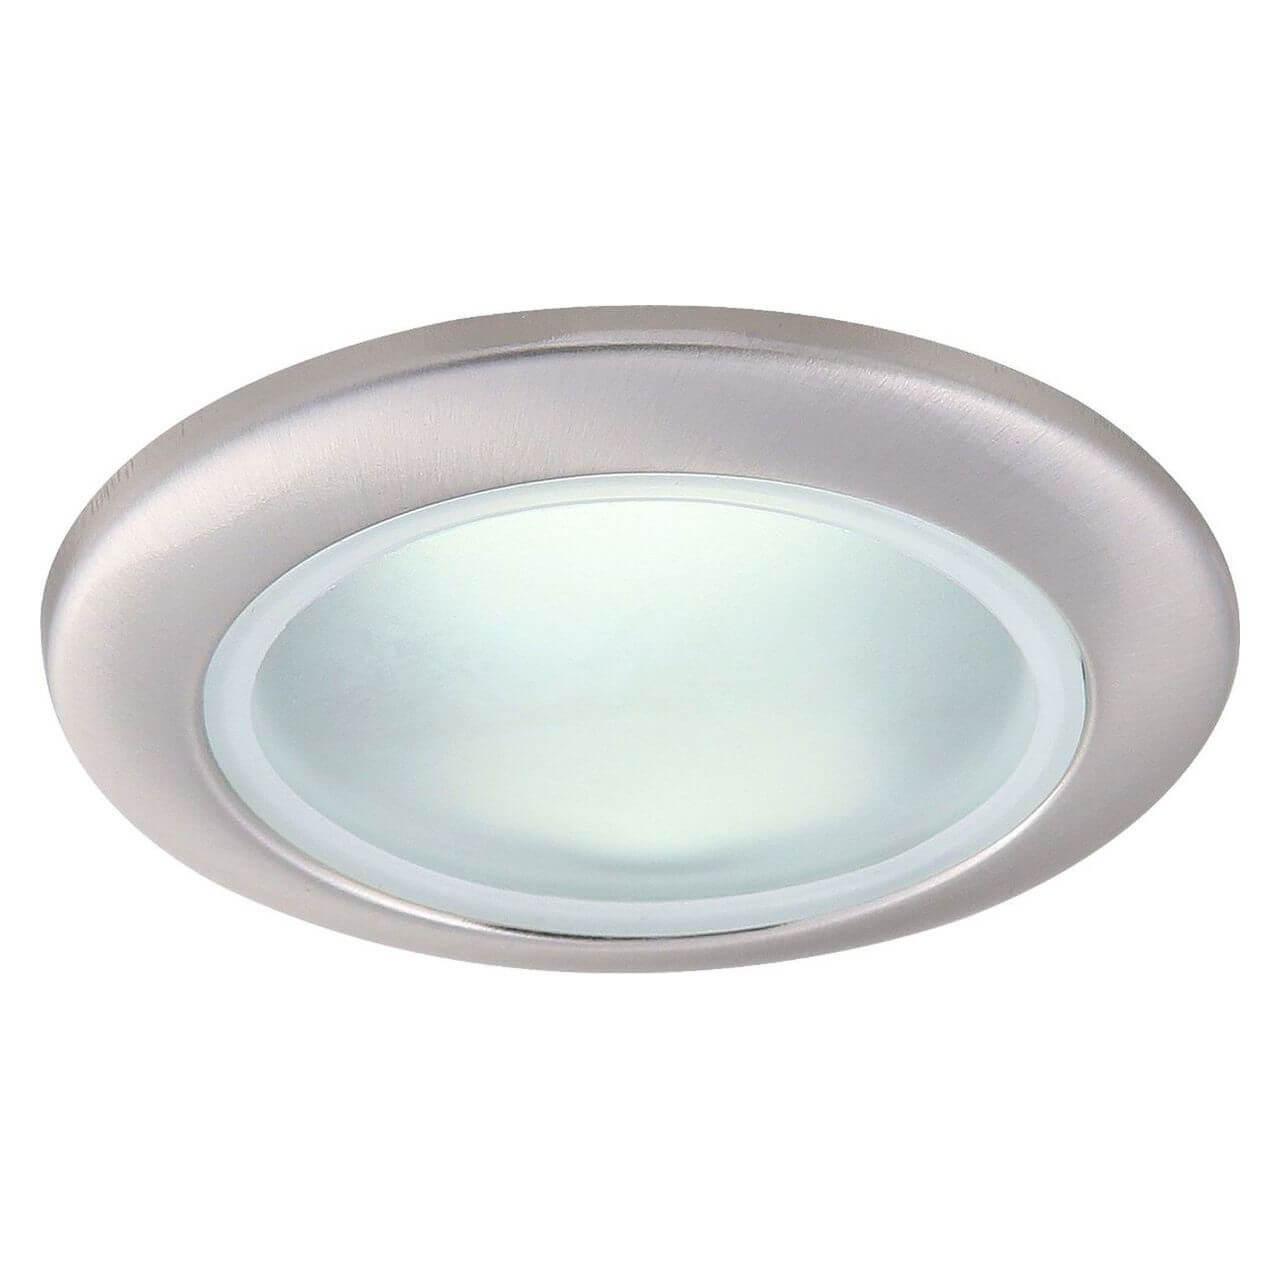 Встраиваемый светильник Arte Lamp A2024PL-1SS, GU10, 50 Вт arte lamp встраиваемый светильник aqua a2024pl 1wh